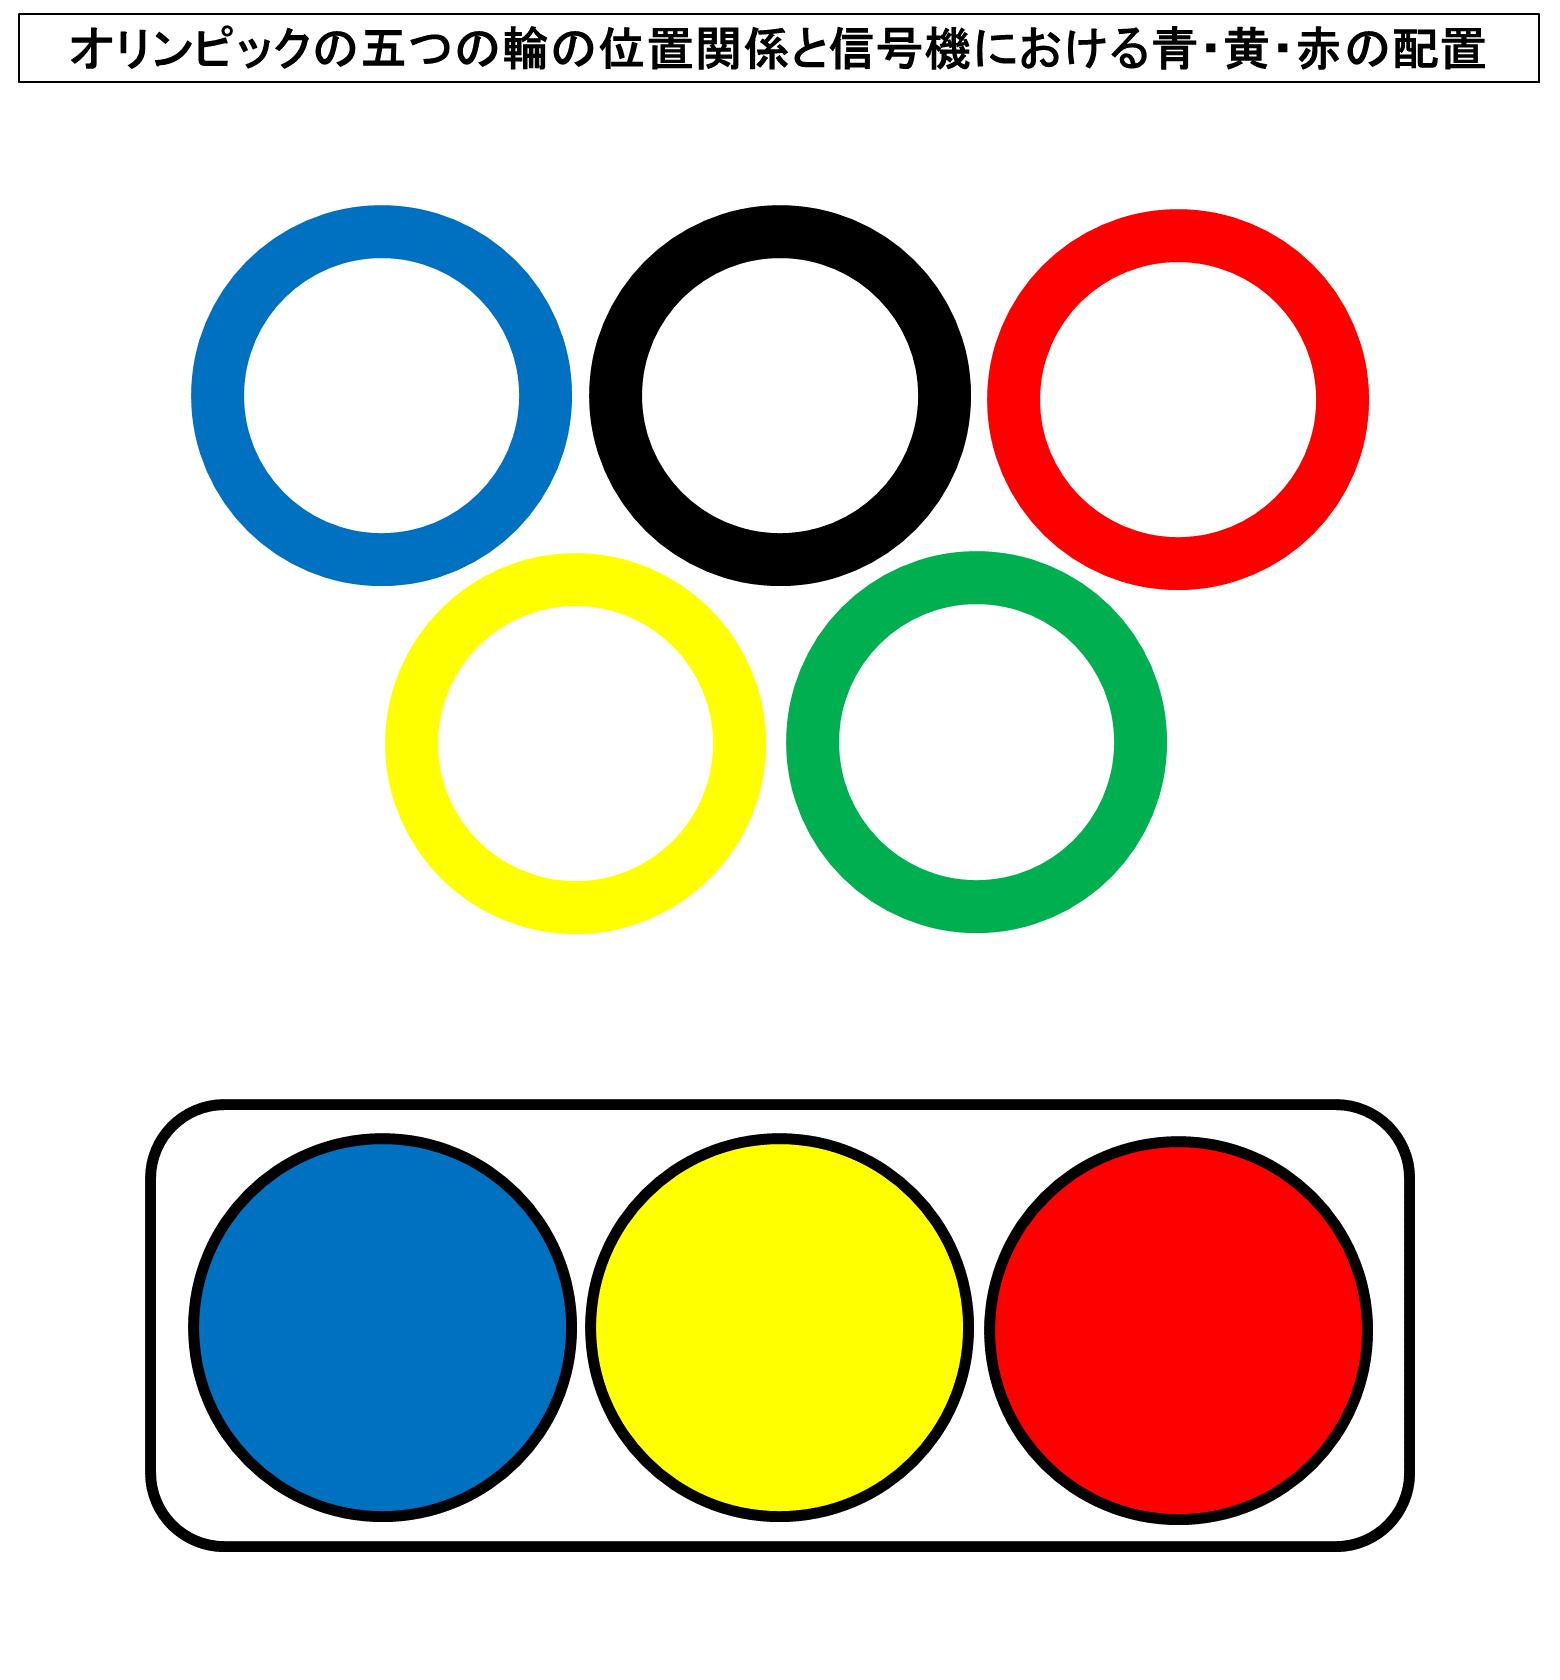 オリンピックの五つの輪の順番の絶対に間違えない覚え方とは